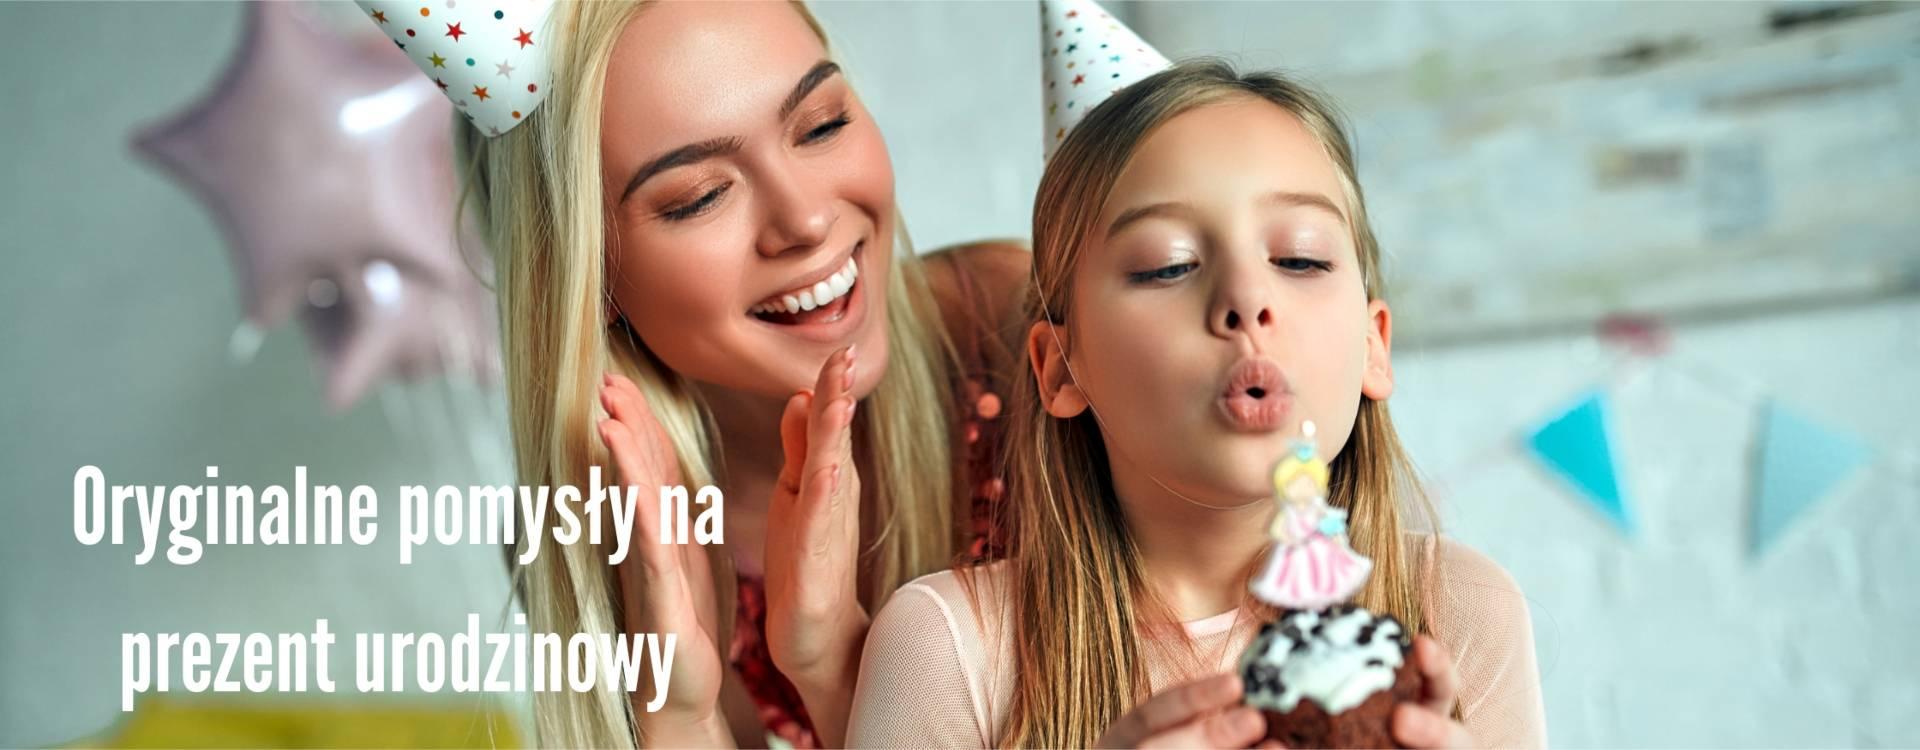 Oryginalne pomysły na prezent urodzinowy